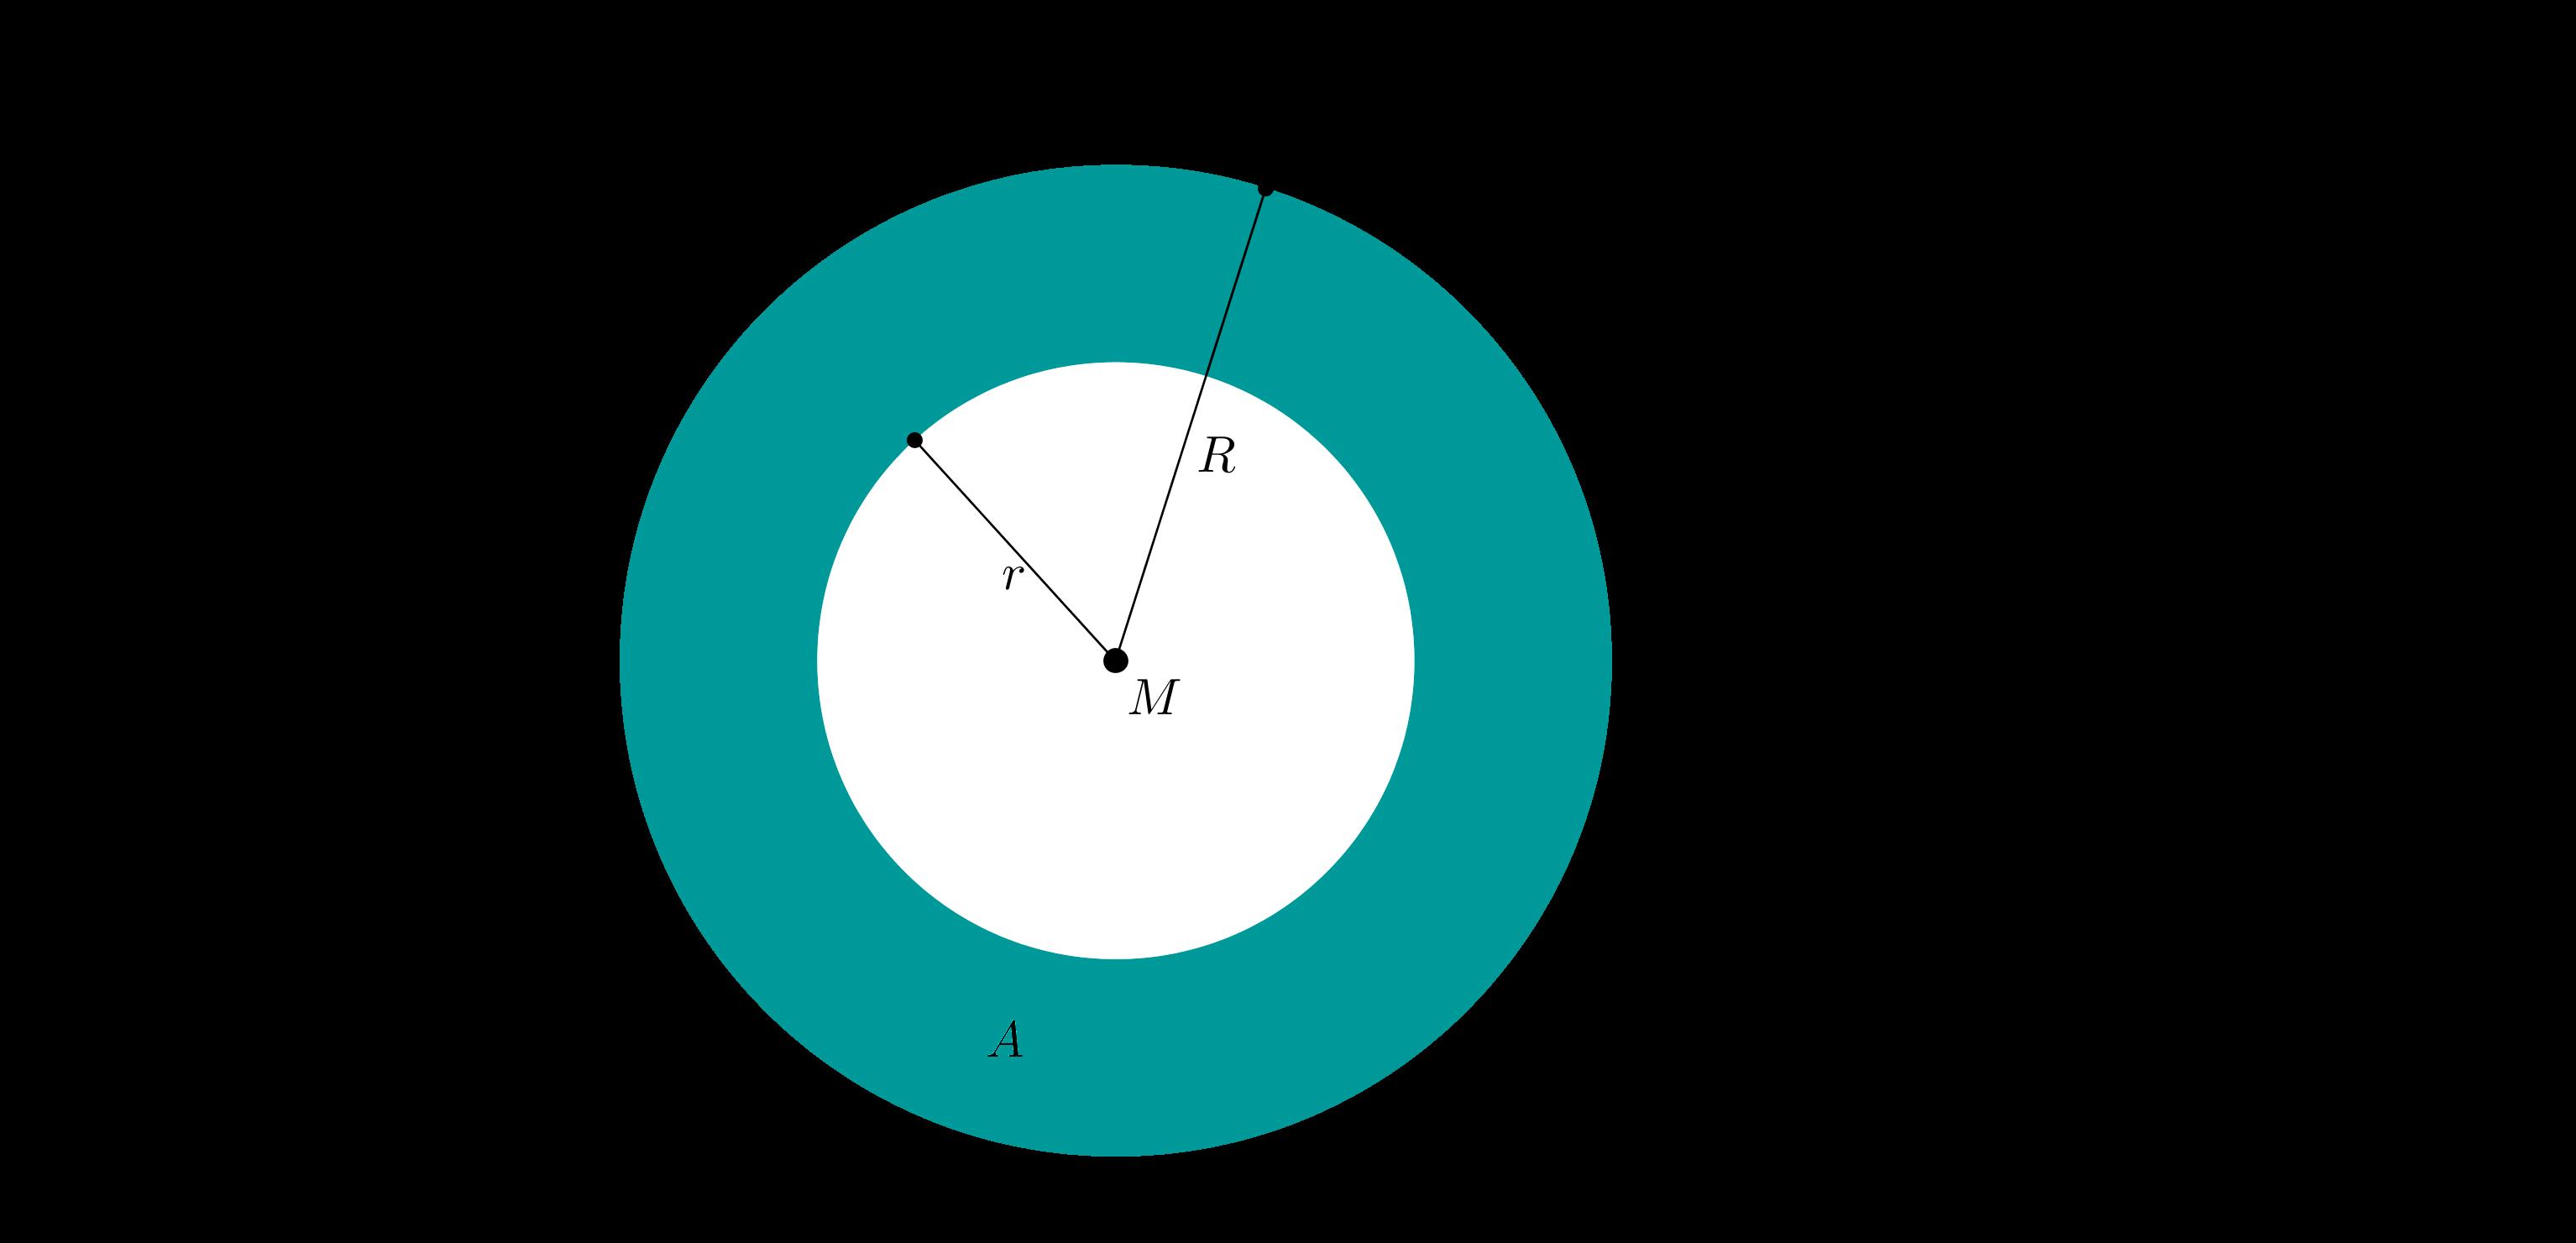 Diagramm zum Verhältnis von Radius zur Fläche eines Kreisrings